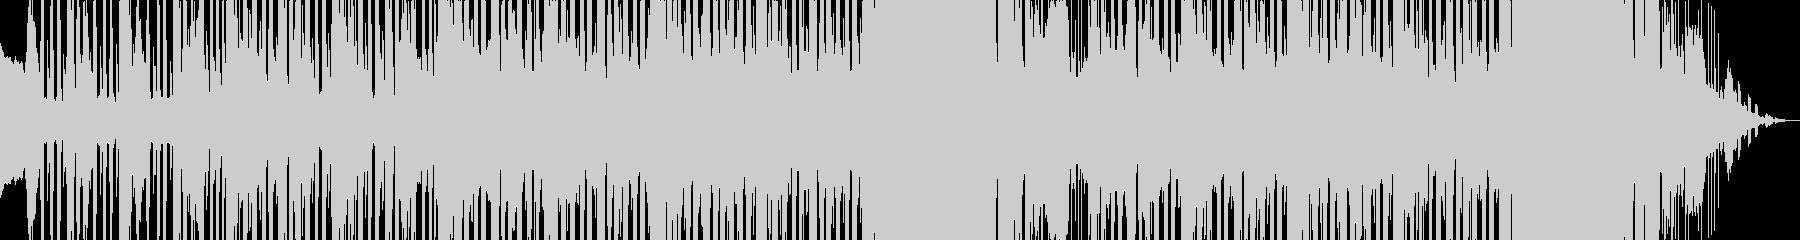 約1分間、疾走するオルガンファンクの未再生の波形